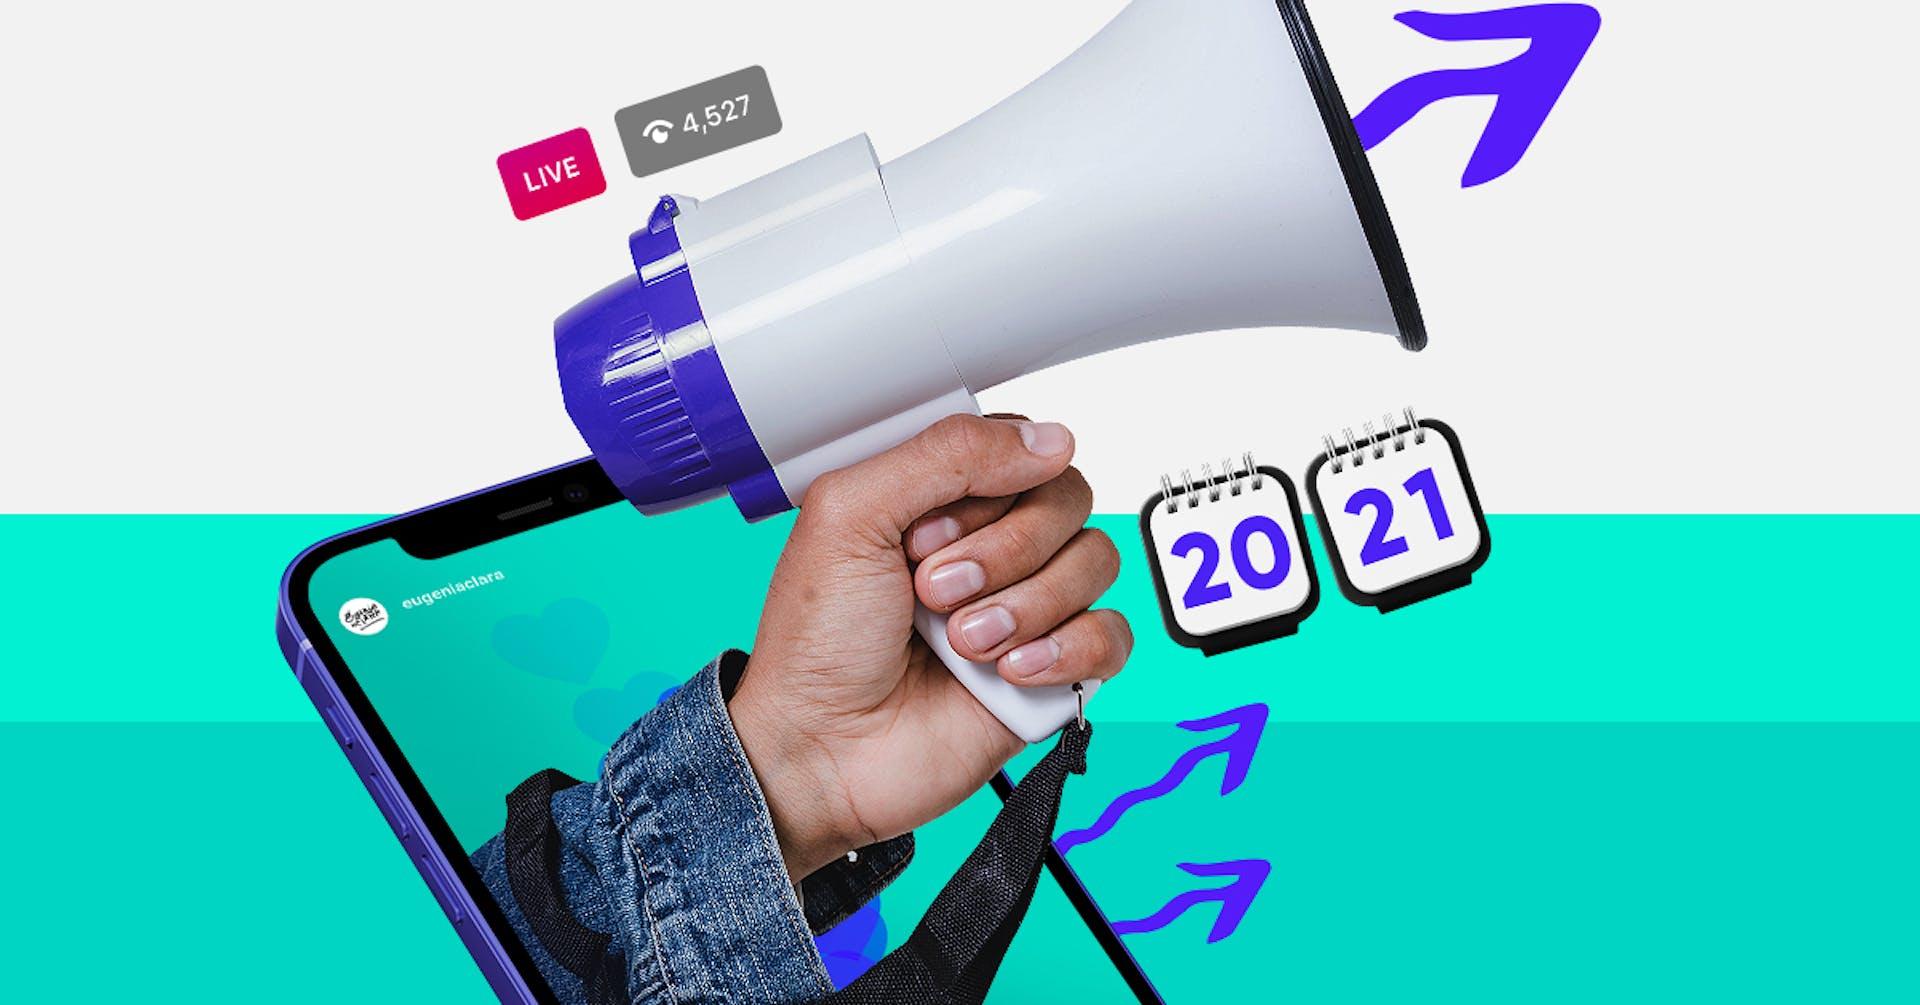 +10 tendencias de marketing digital 2021 que están cambiando los hábitos de consumo